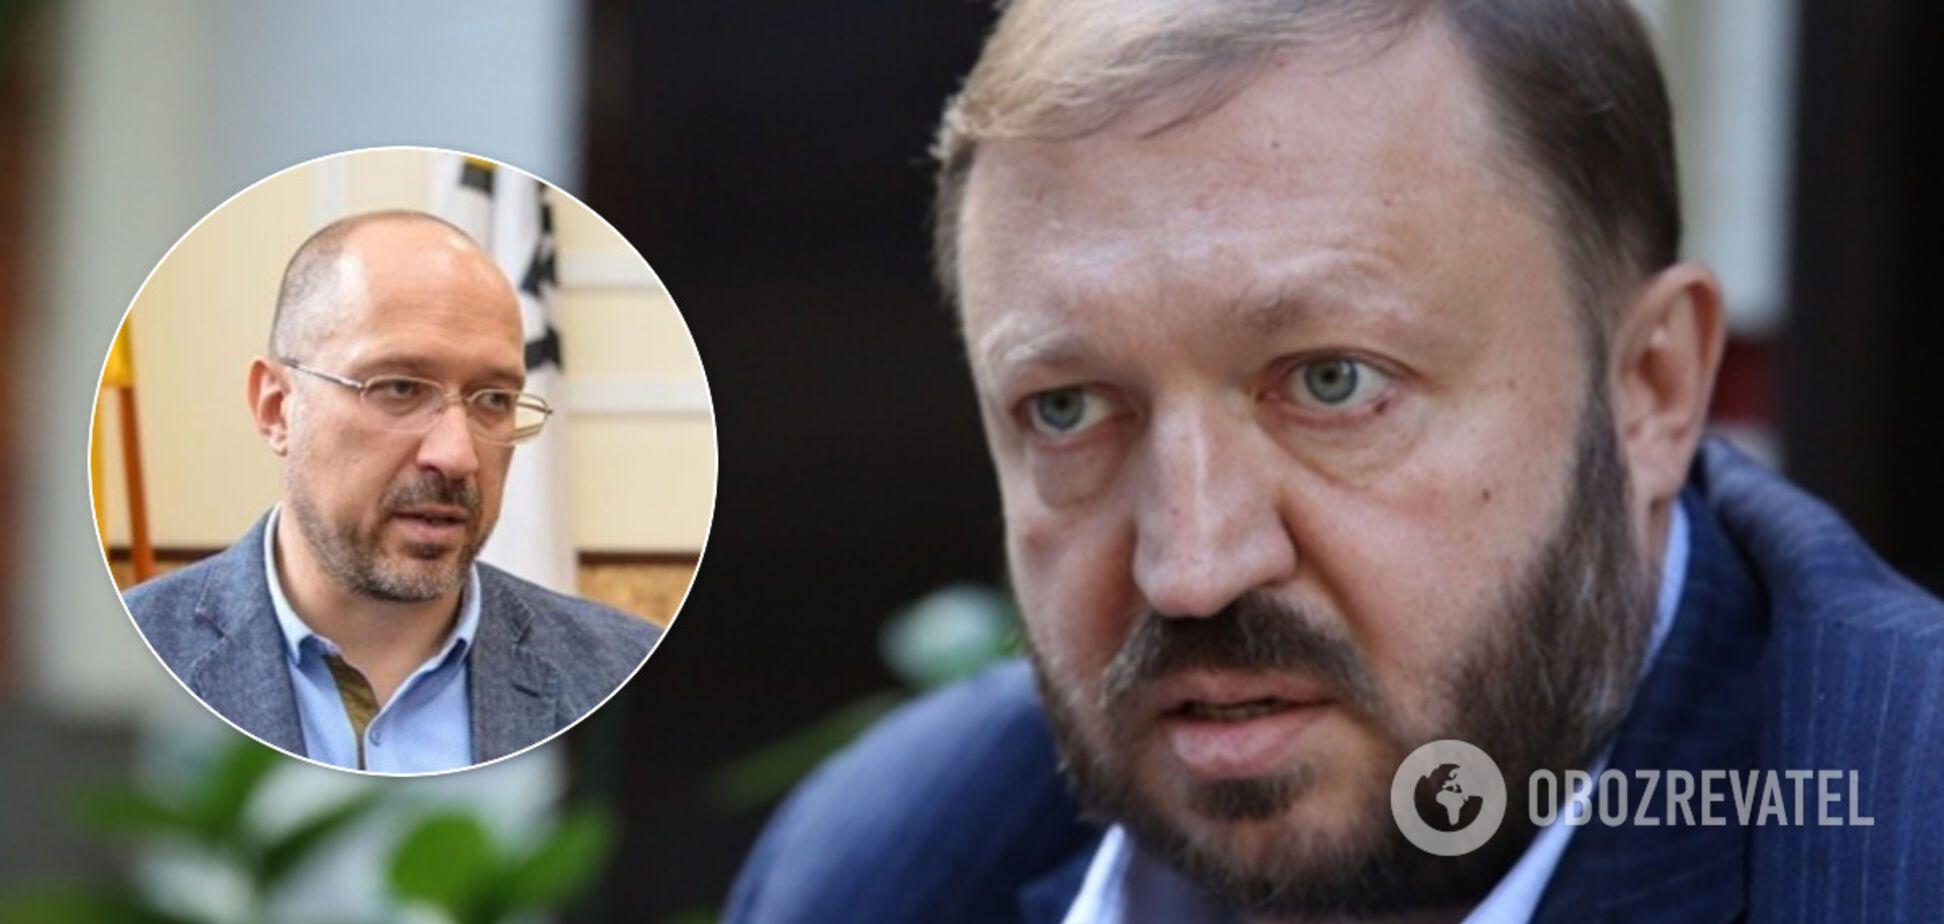 Горбалю по надуманным причинам не дали пройти конкурс в Госаудит: скандал дошел до Шмыгаля